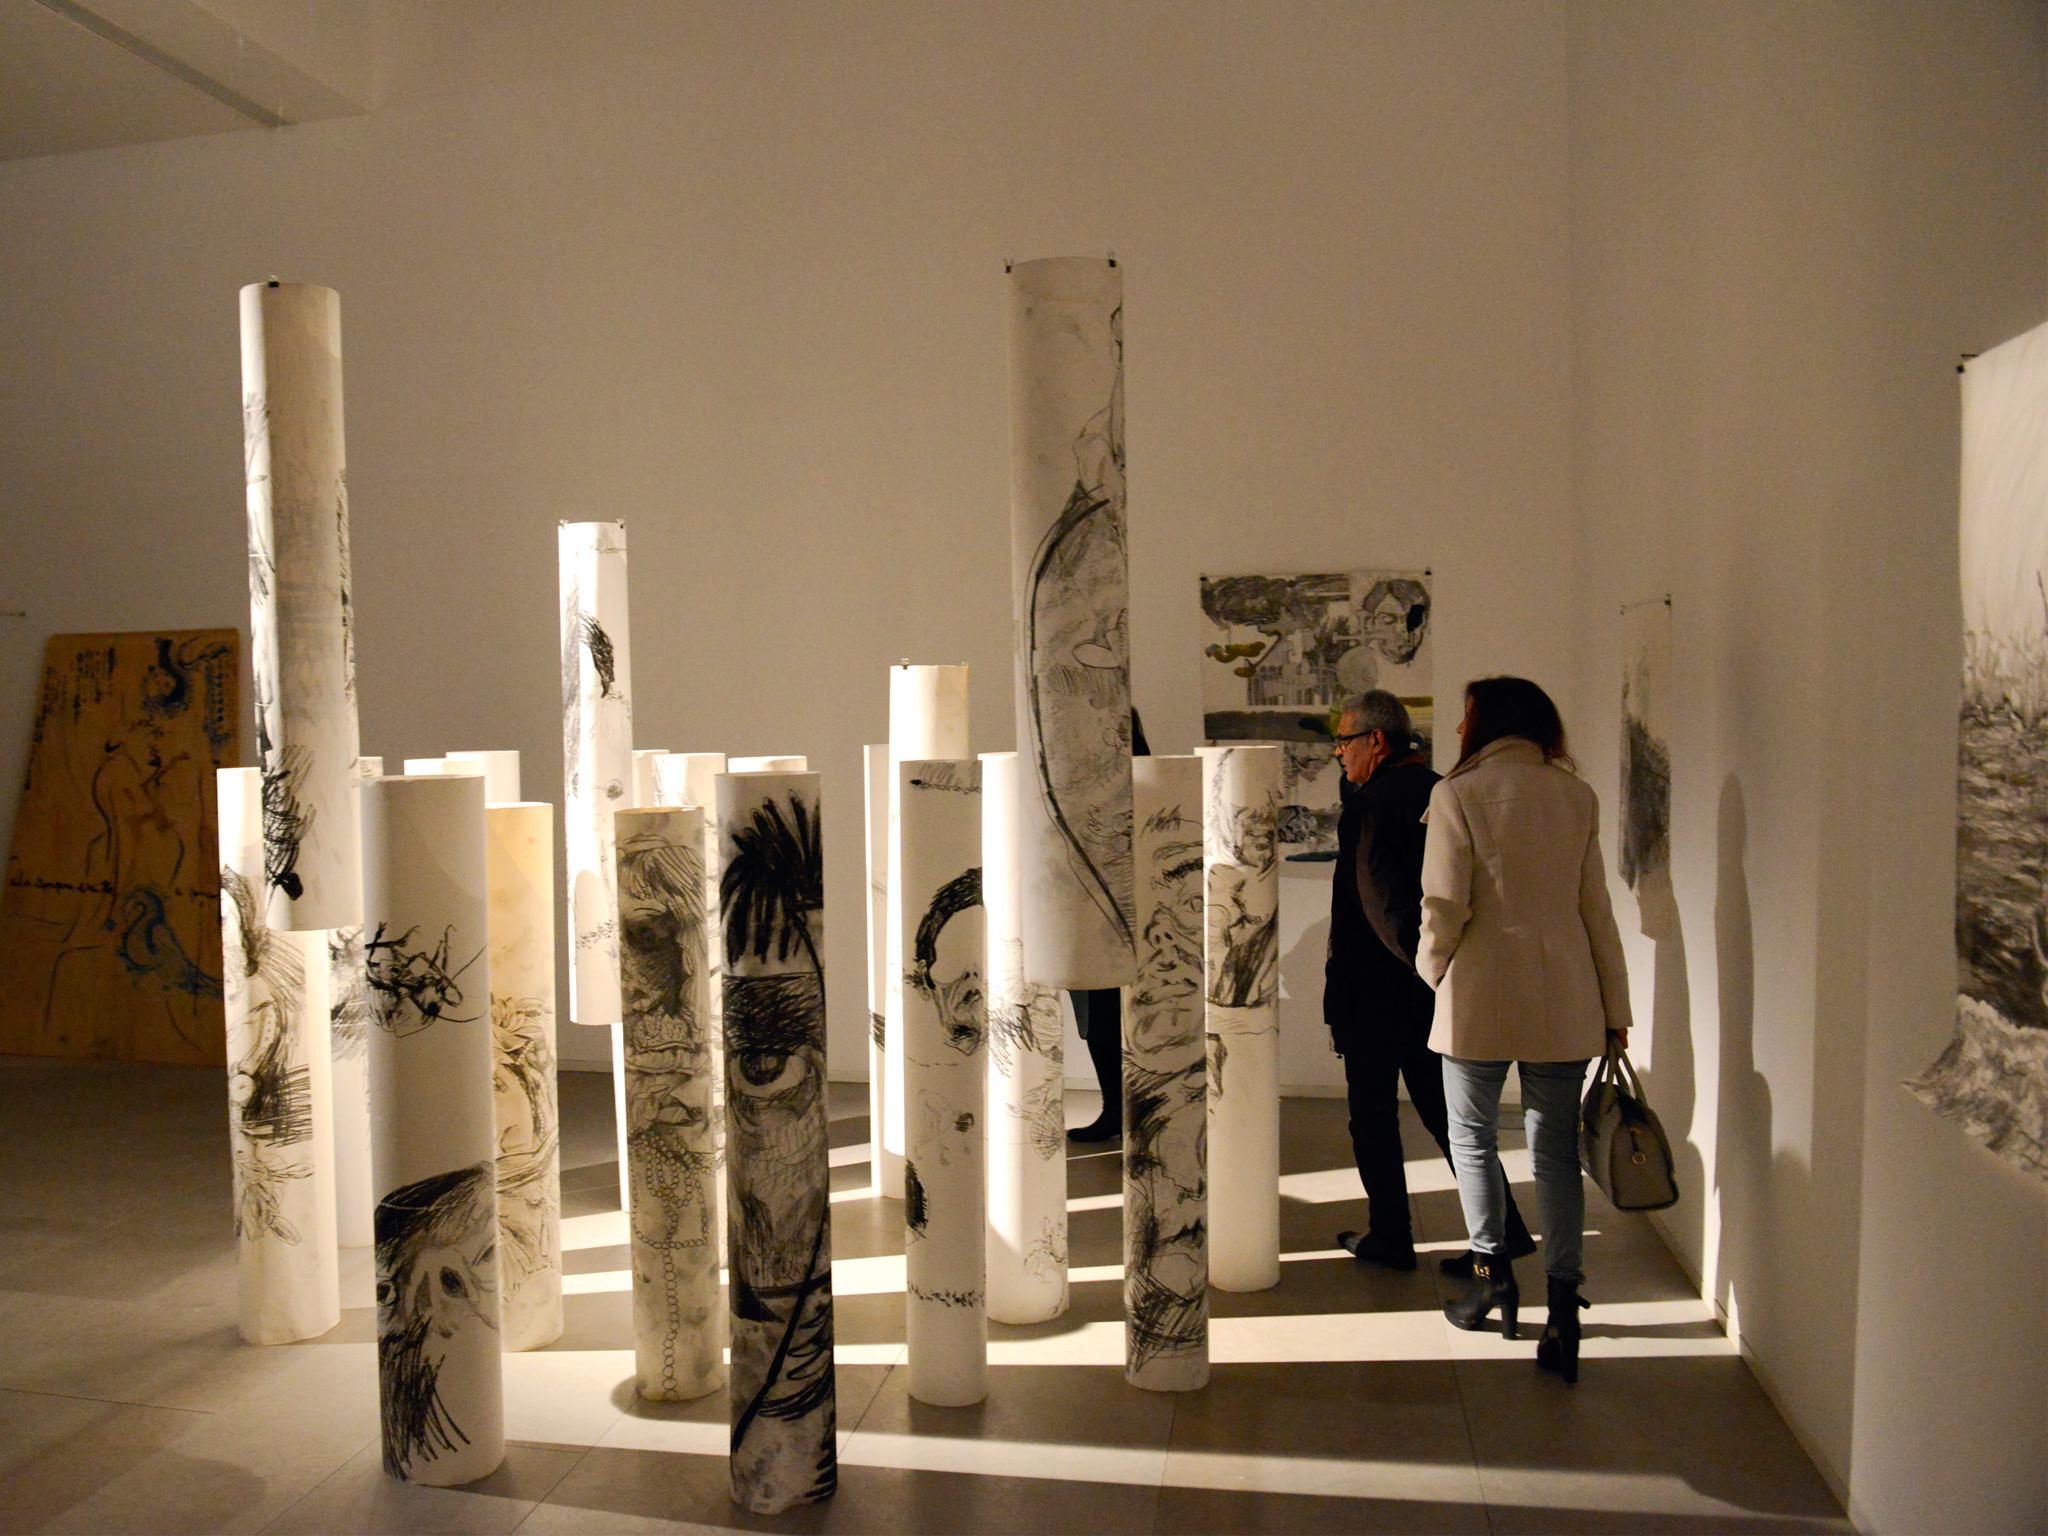 Centro Internacional das Artes José de Guimarães, Guimarães